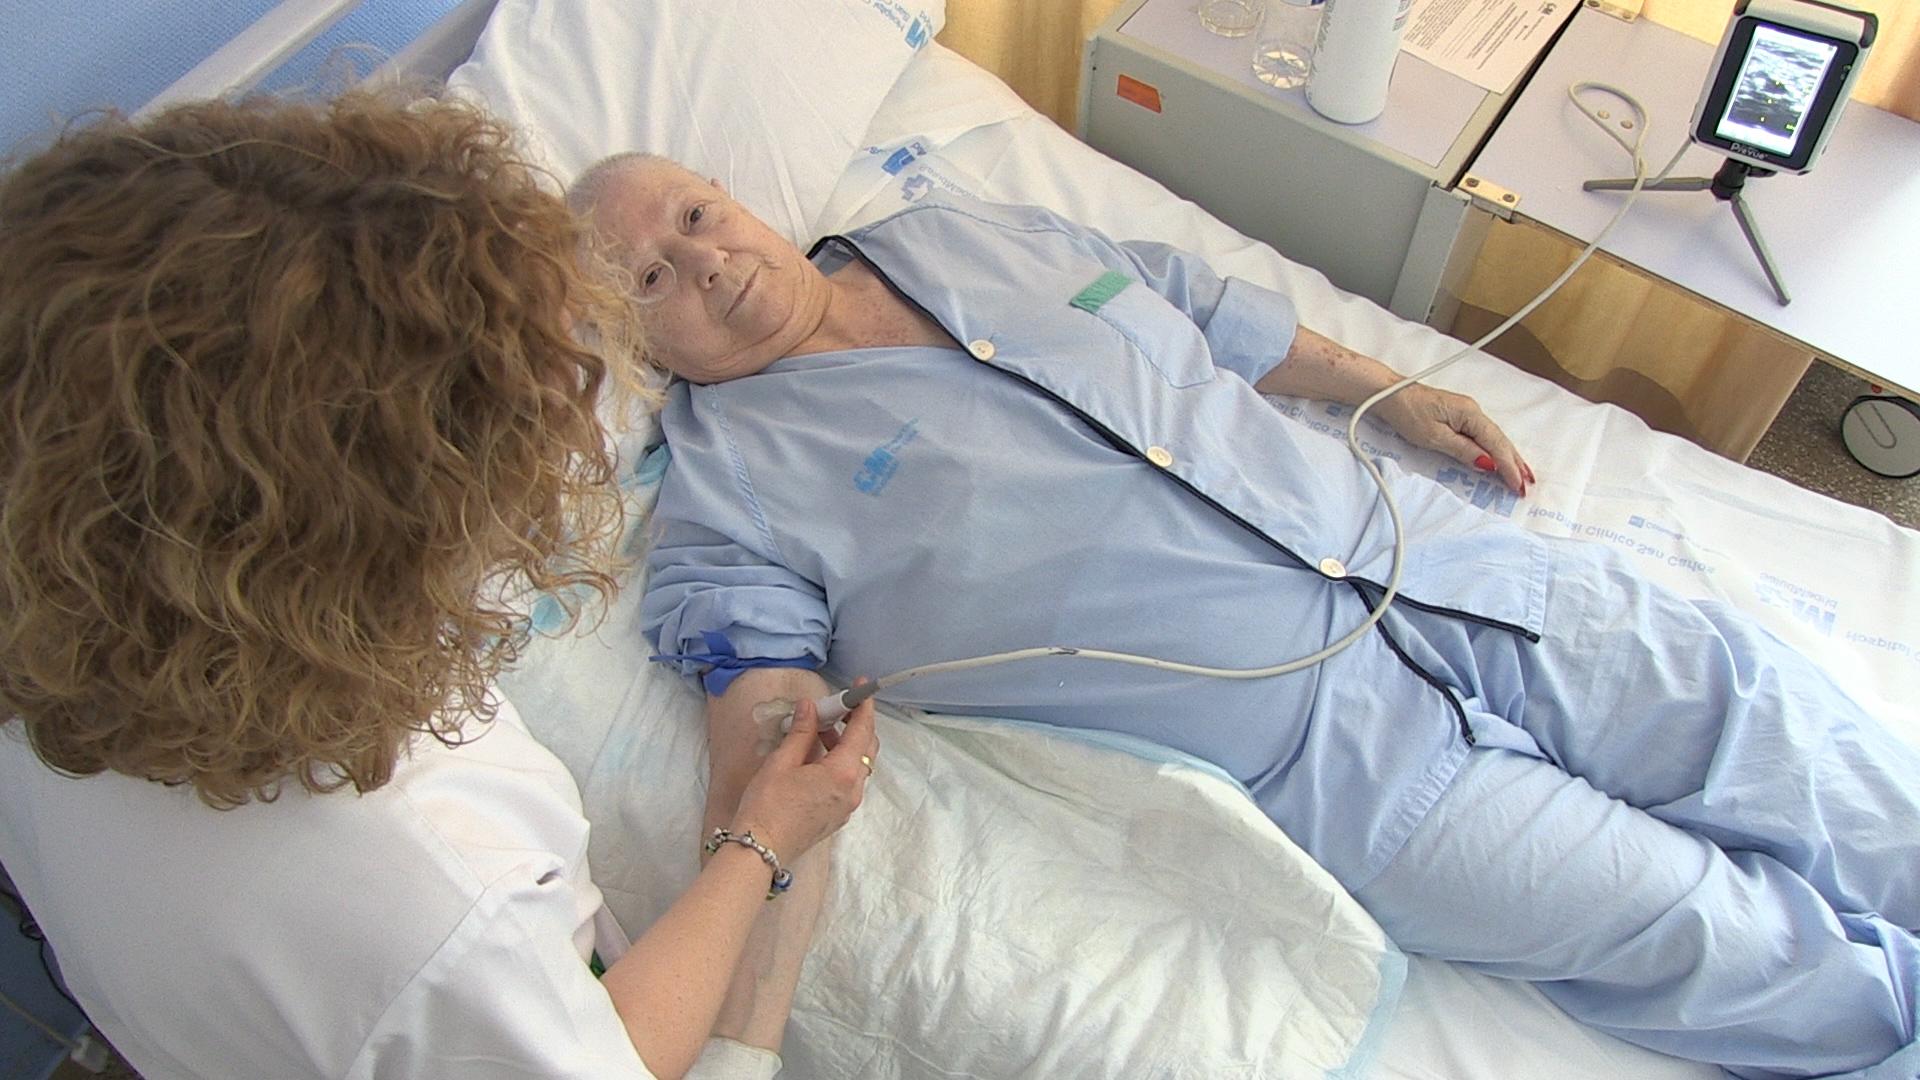 La Comunidad Valenciana exporta el programa de investigación Incativ para mejorar el cuidado con terapia intravenosa